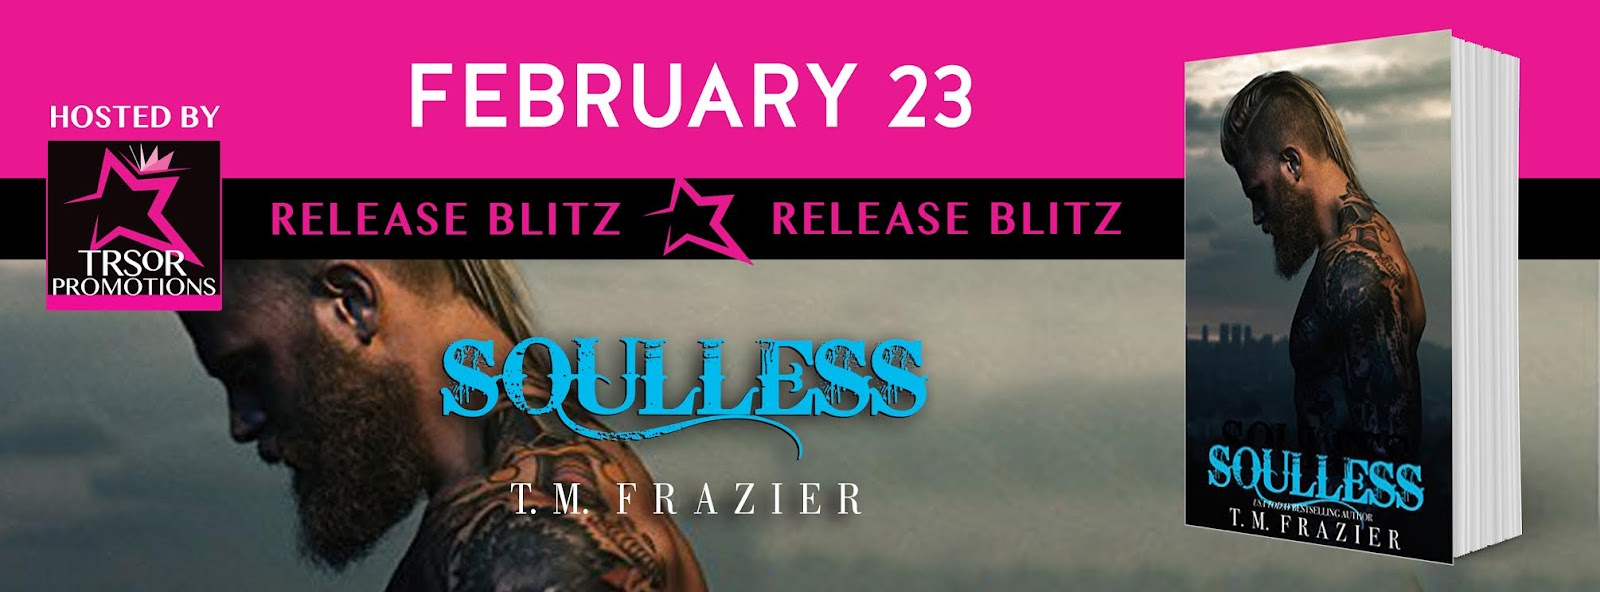 soulless release blitz.jpg